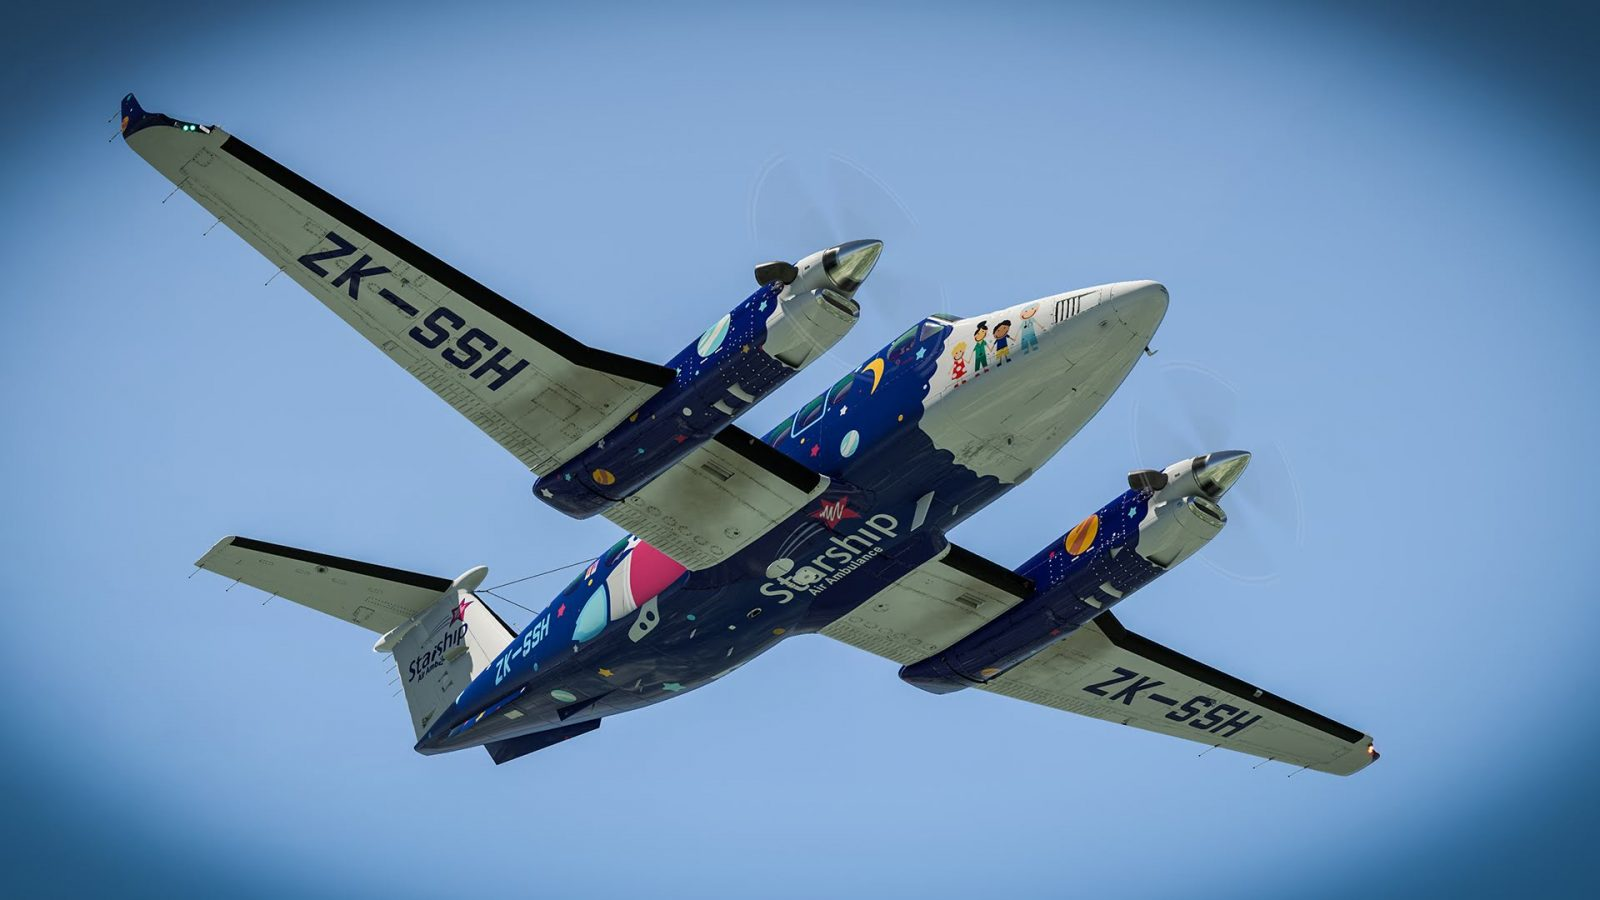 airfoillabs-king-air-350-9-1600x900.jpg